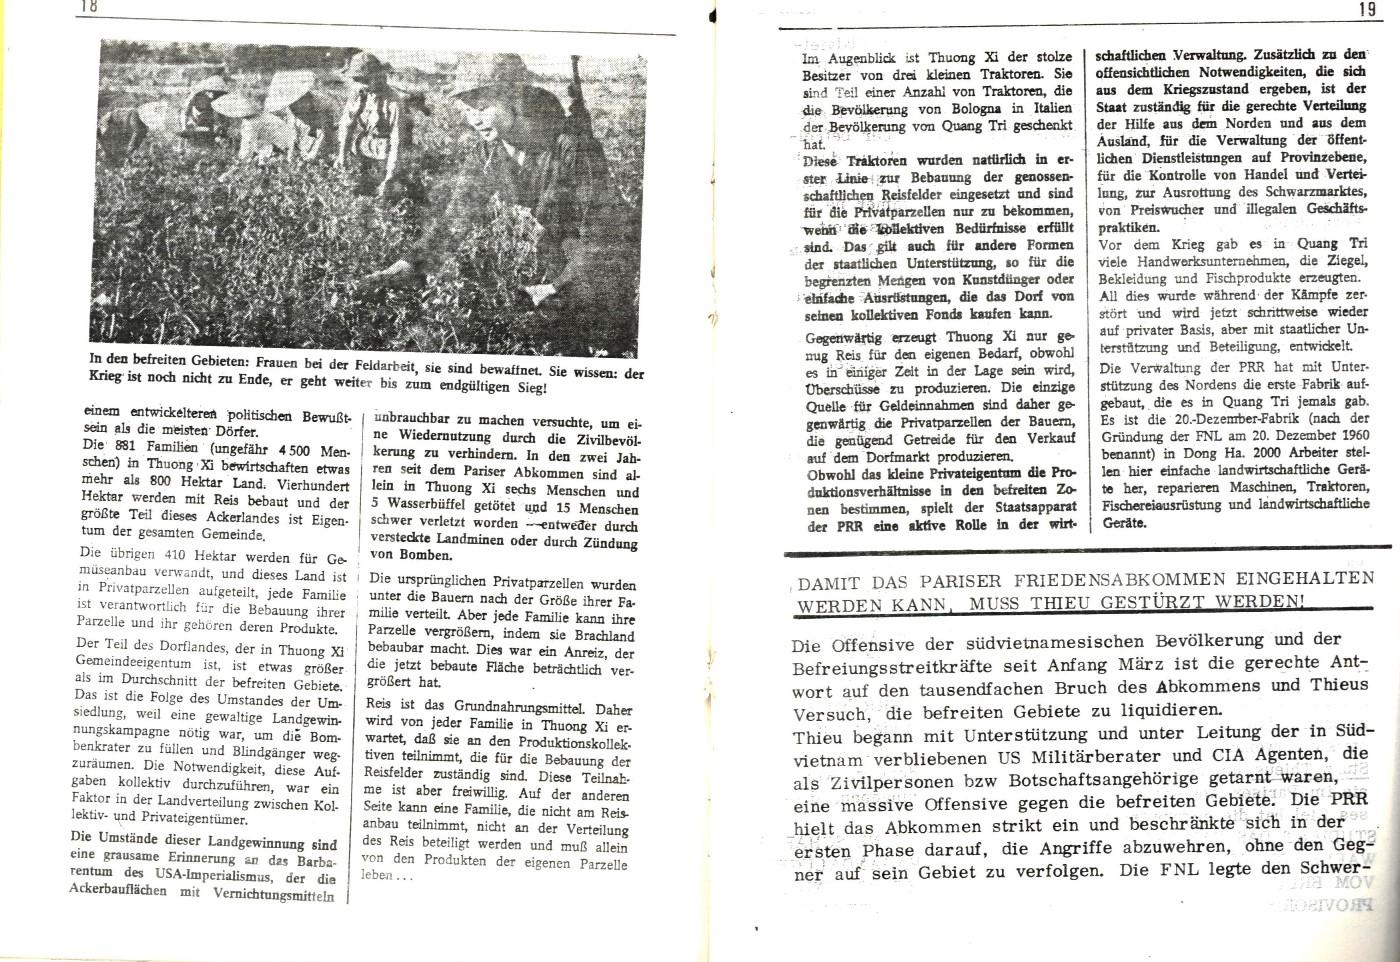 Nds_KSV_1975_Suedvietnam_10